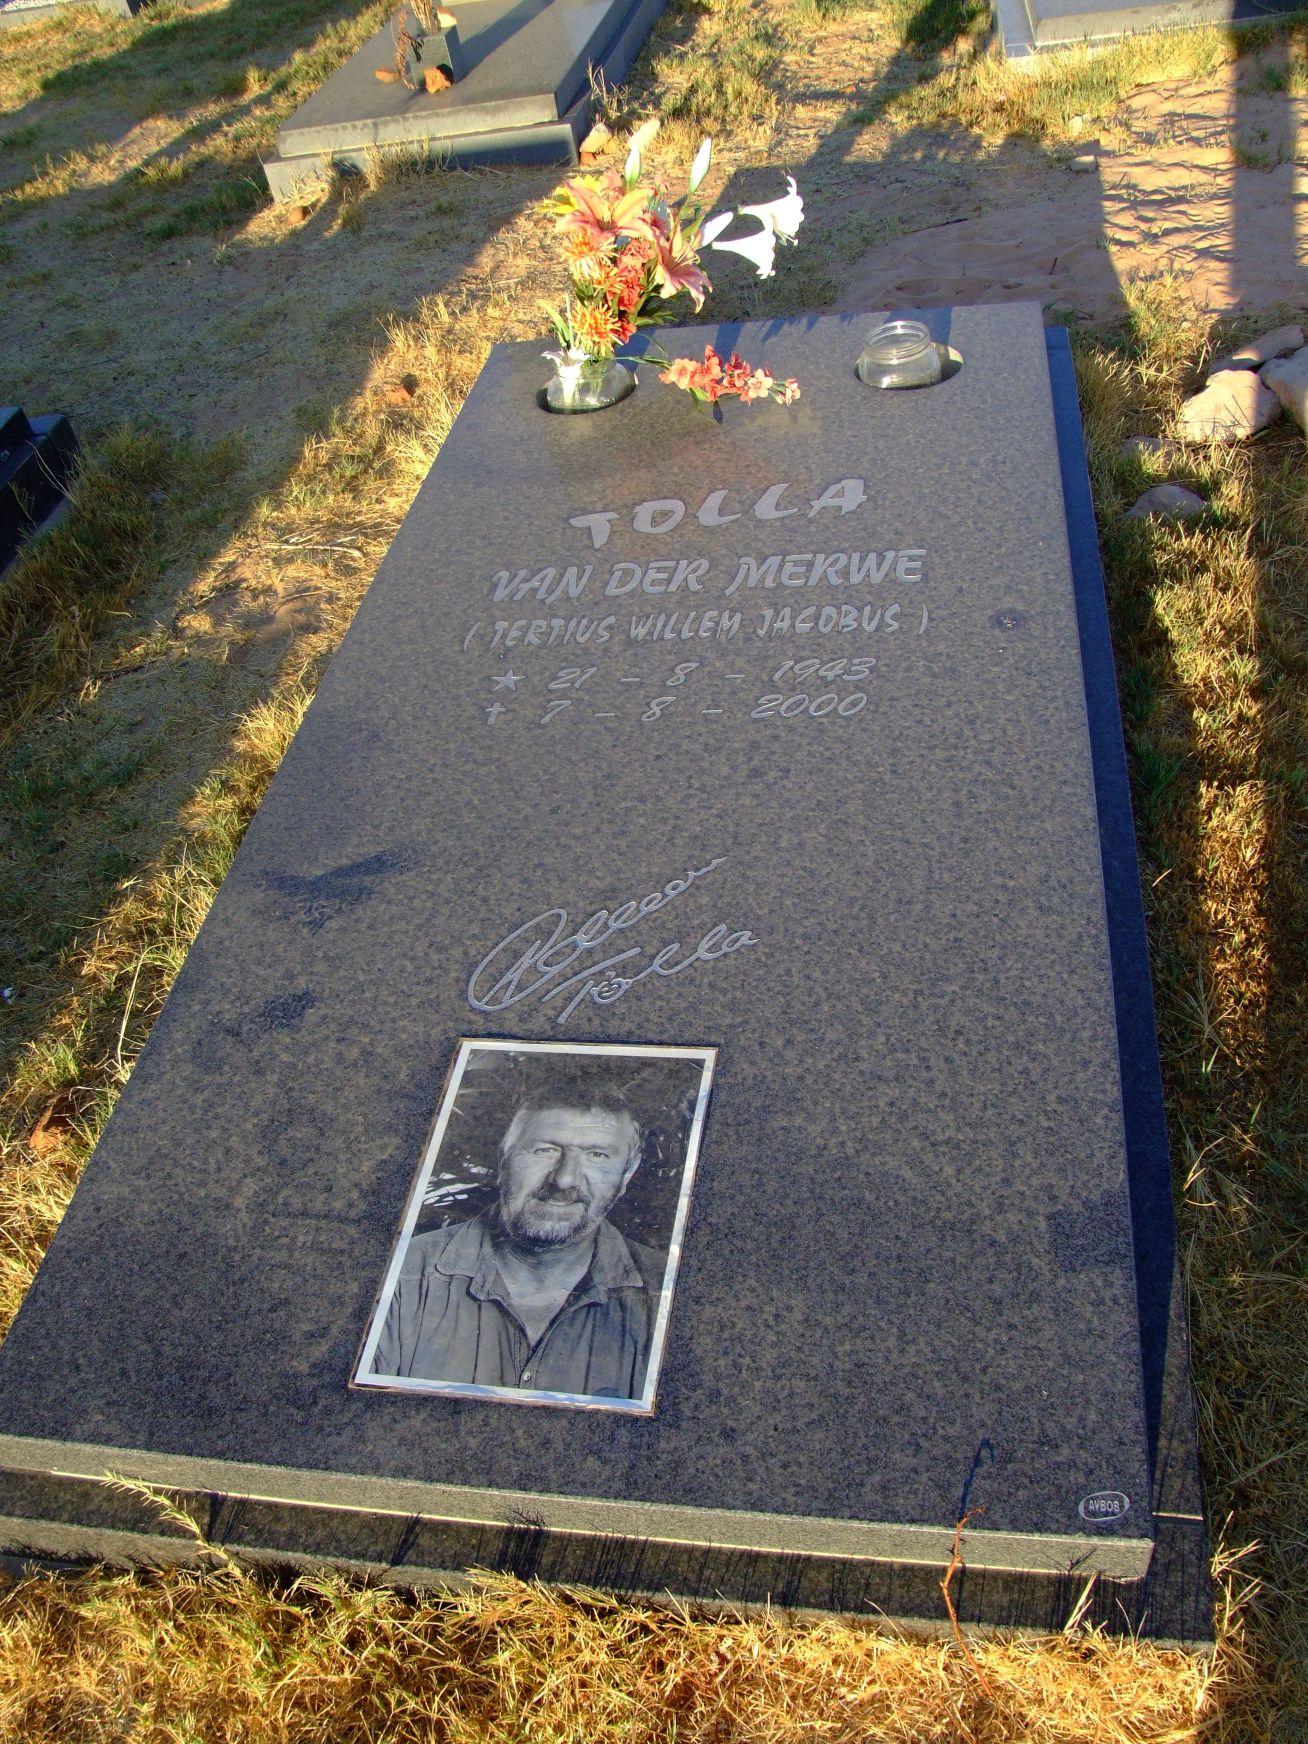 van der Merwe, Tolla (Tertius Willem Jacobus)